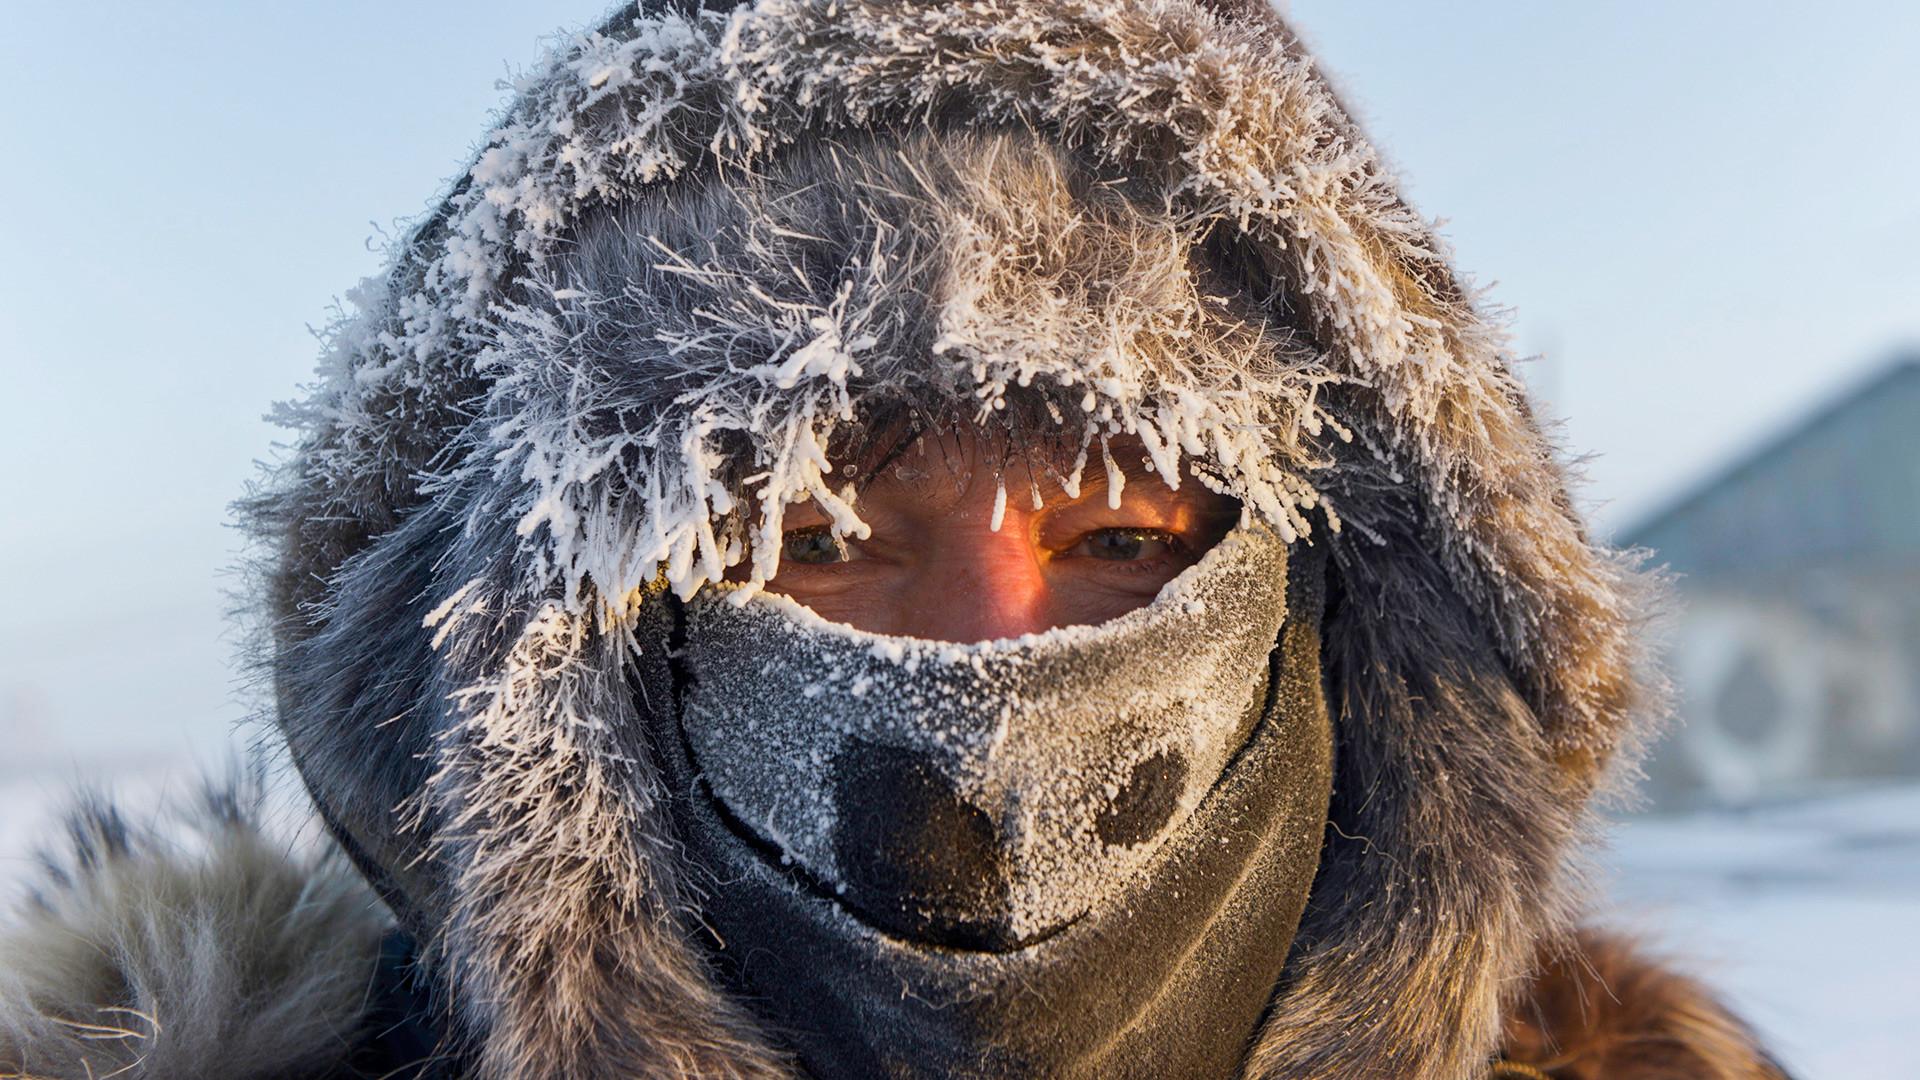 Турист из Норвегии в Якутии. Температура опустилась до отметки минус 47 градусов по Цельсию.